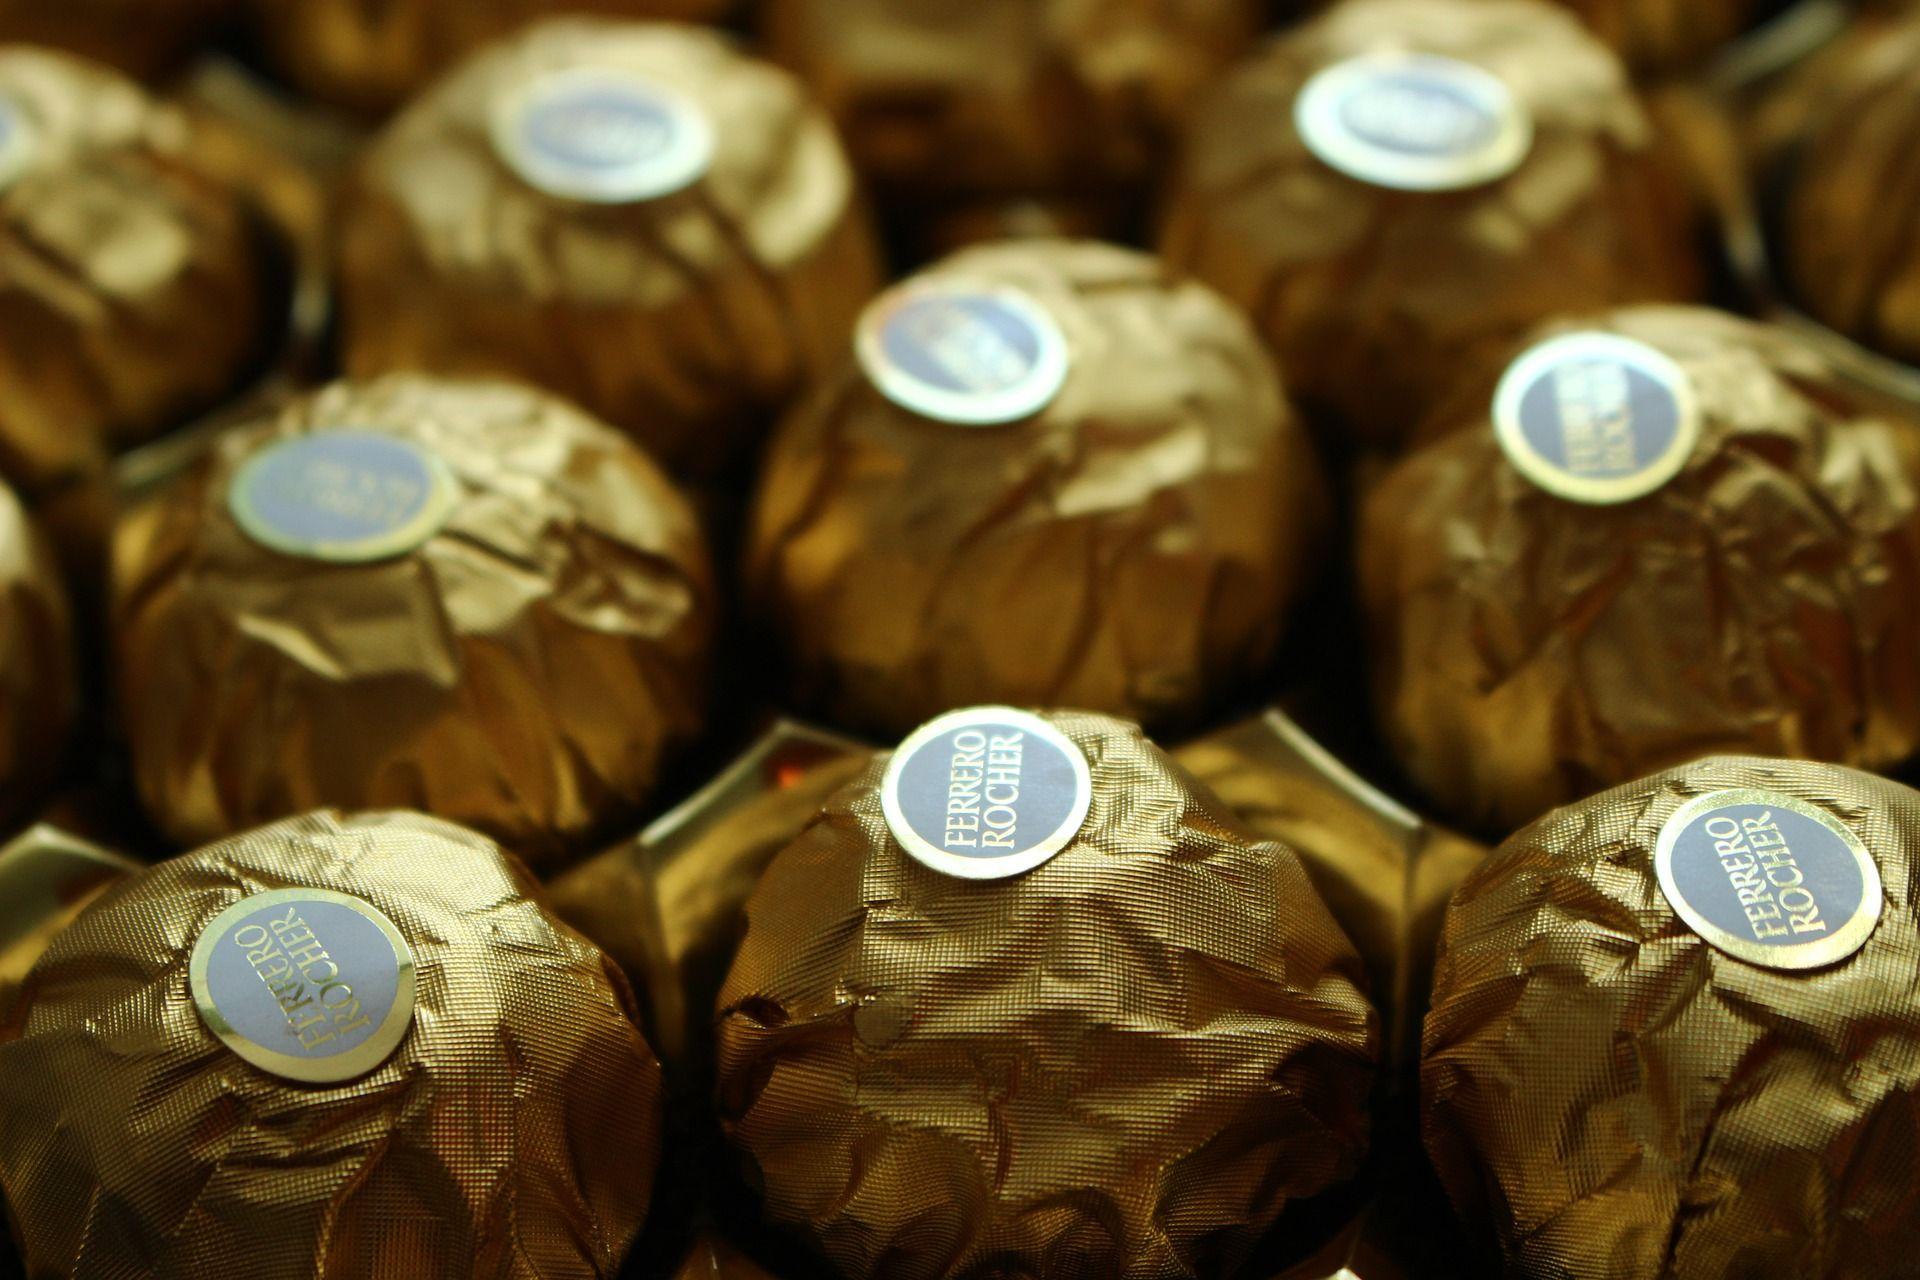 Ferrero : L'incroyable fortune familiale construite par celui qui va oser remplacer le chocolat de Noël par un océan mondial de Nutella